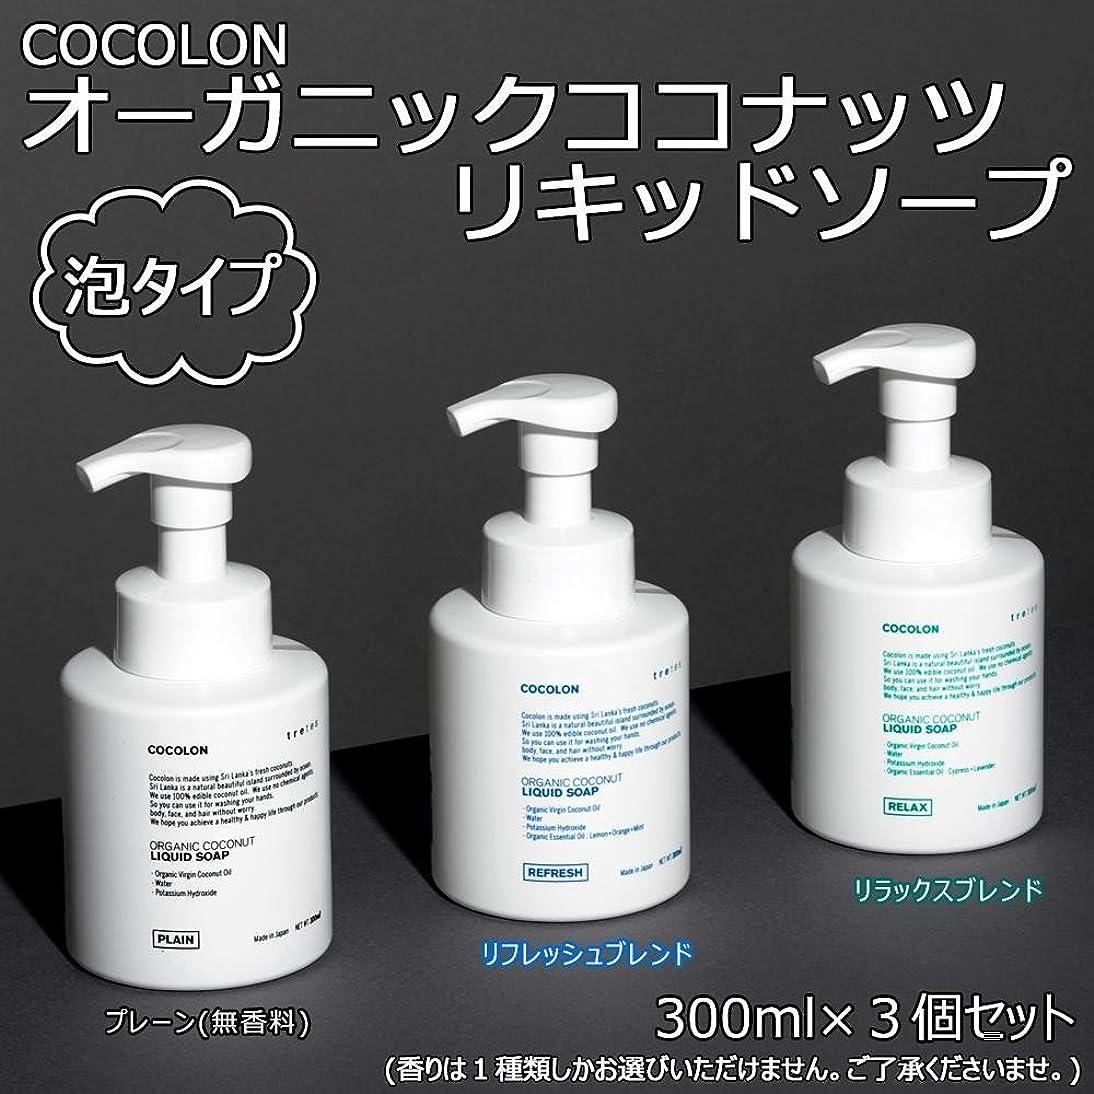 砲兵パケットペルメルCOCOLON ココロン オーガニックココナッツリキッドソープ 泡タイプ 300ml 3個セット【同梱?代引不可】 ■3種類の内「リラックスブレンド」のみです